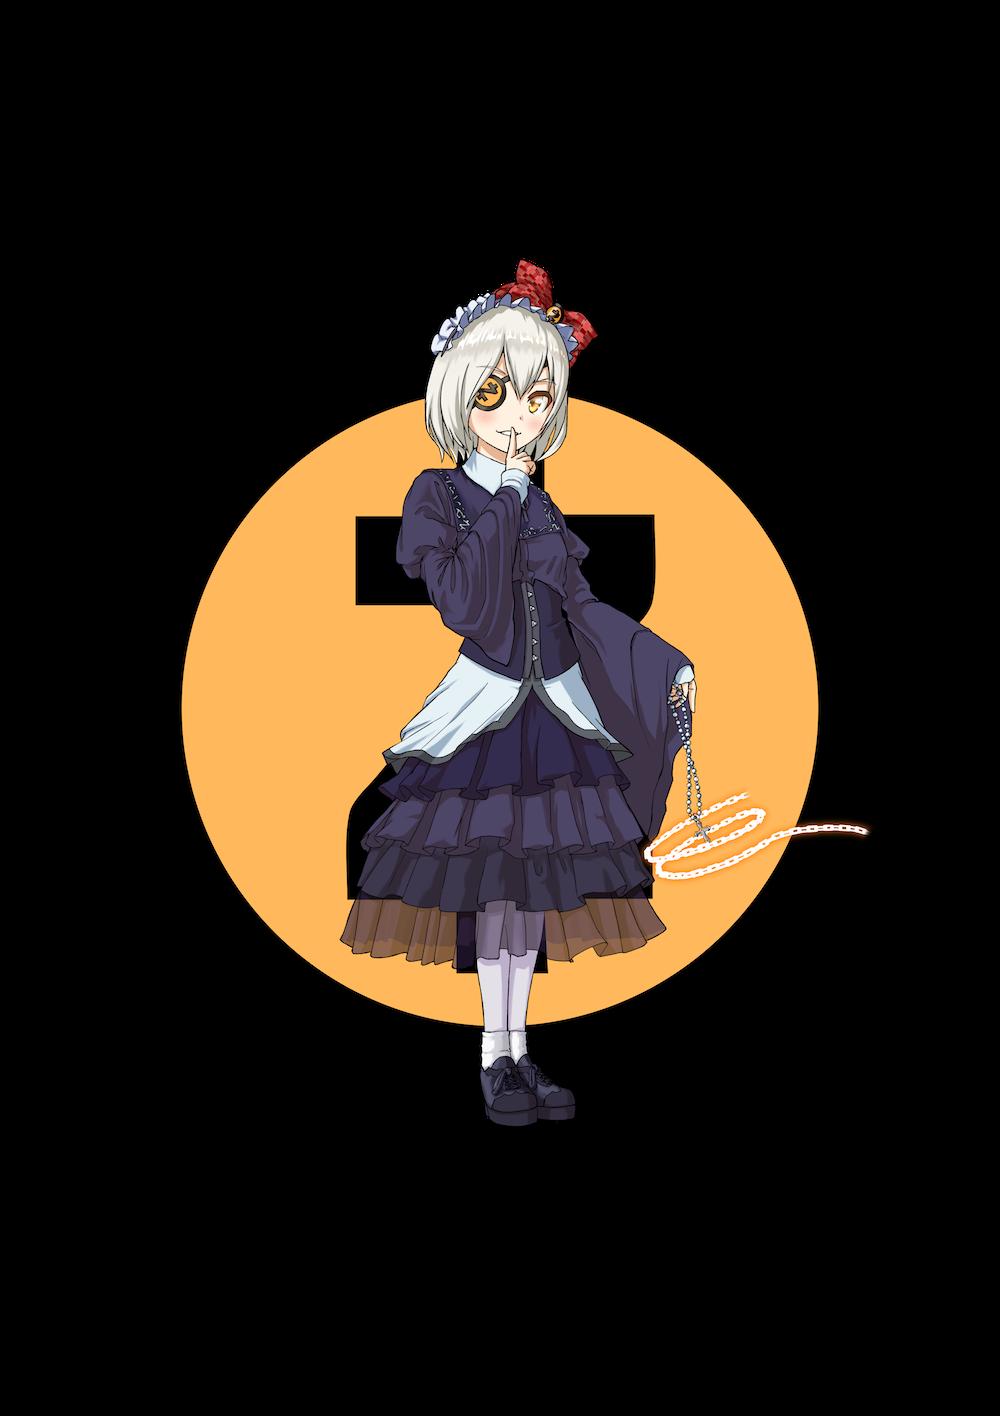 仮想通貨(暗号通貨)ジーキャッシュ(zcash)の擬人化キャラクター